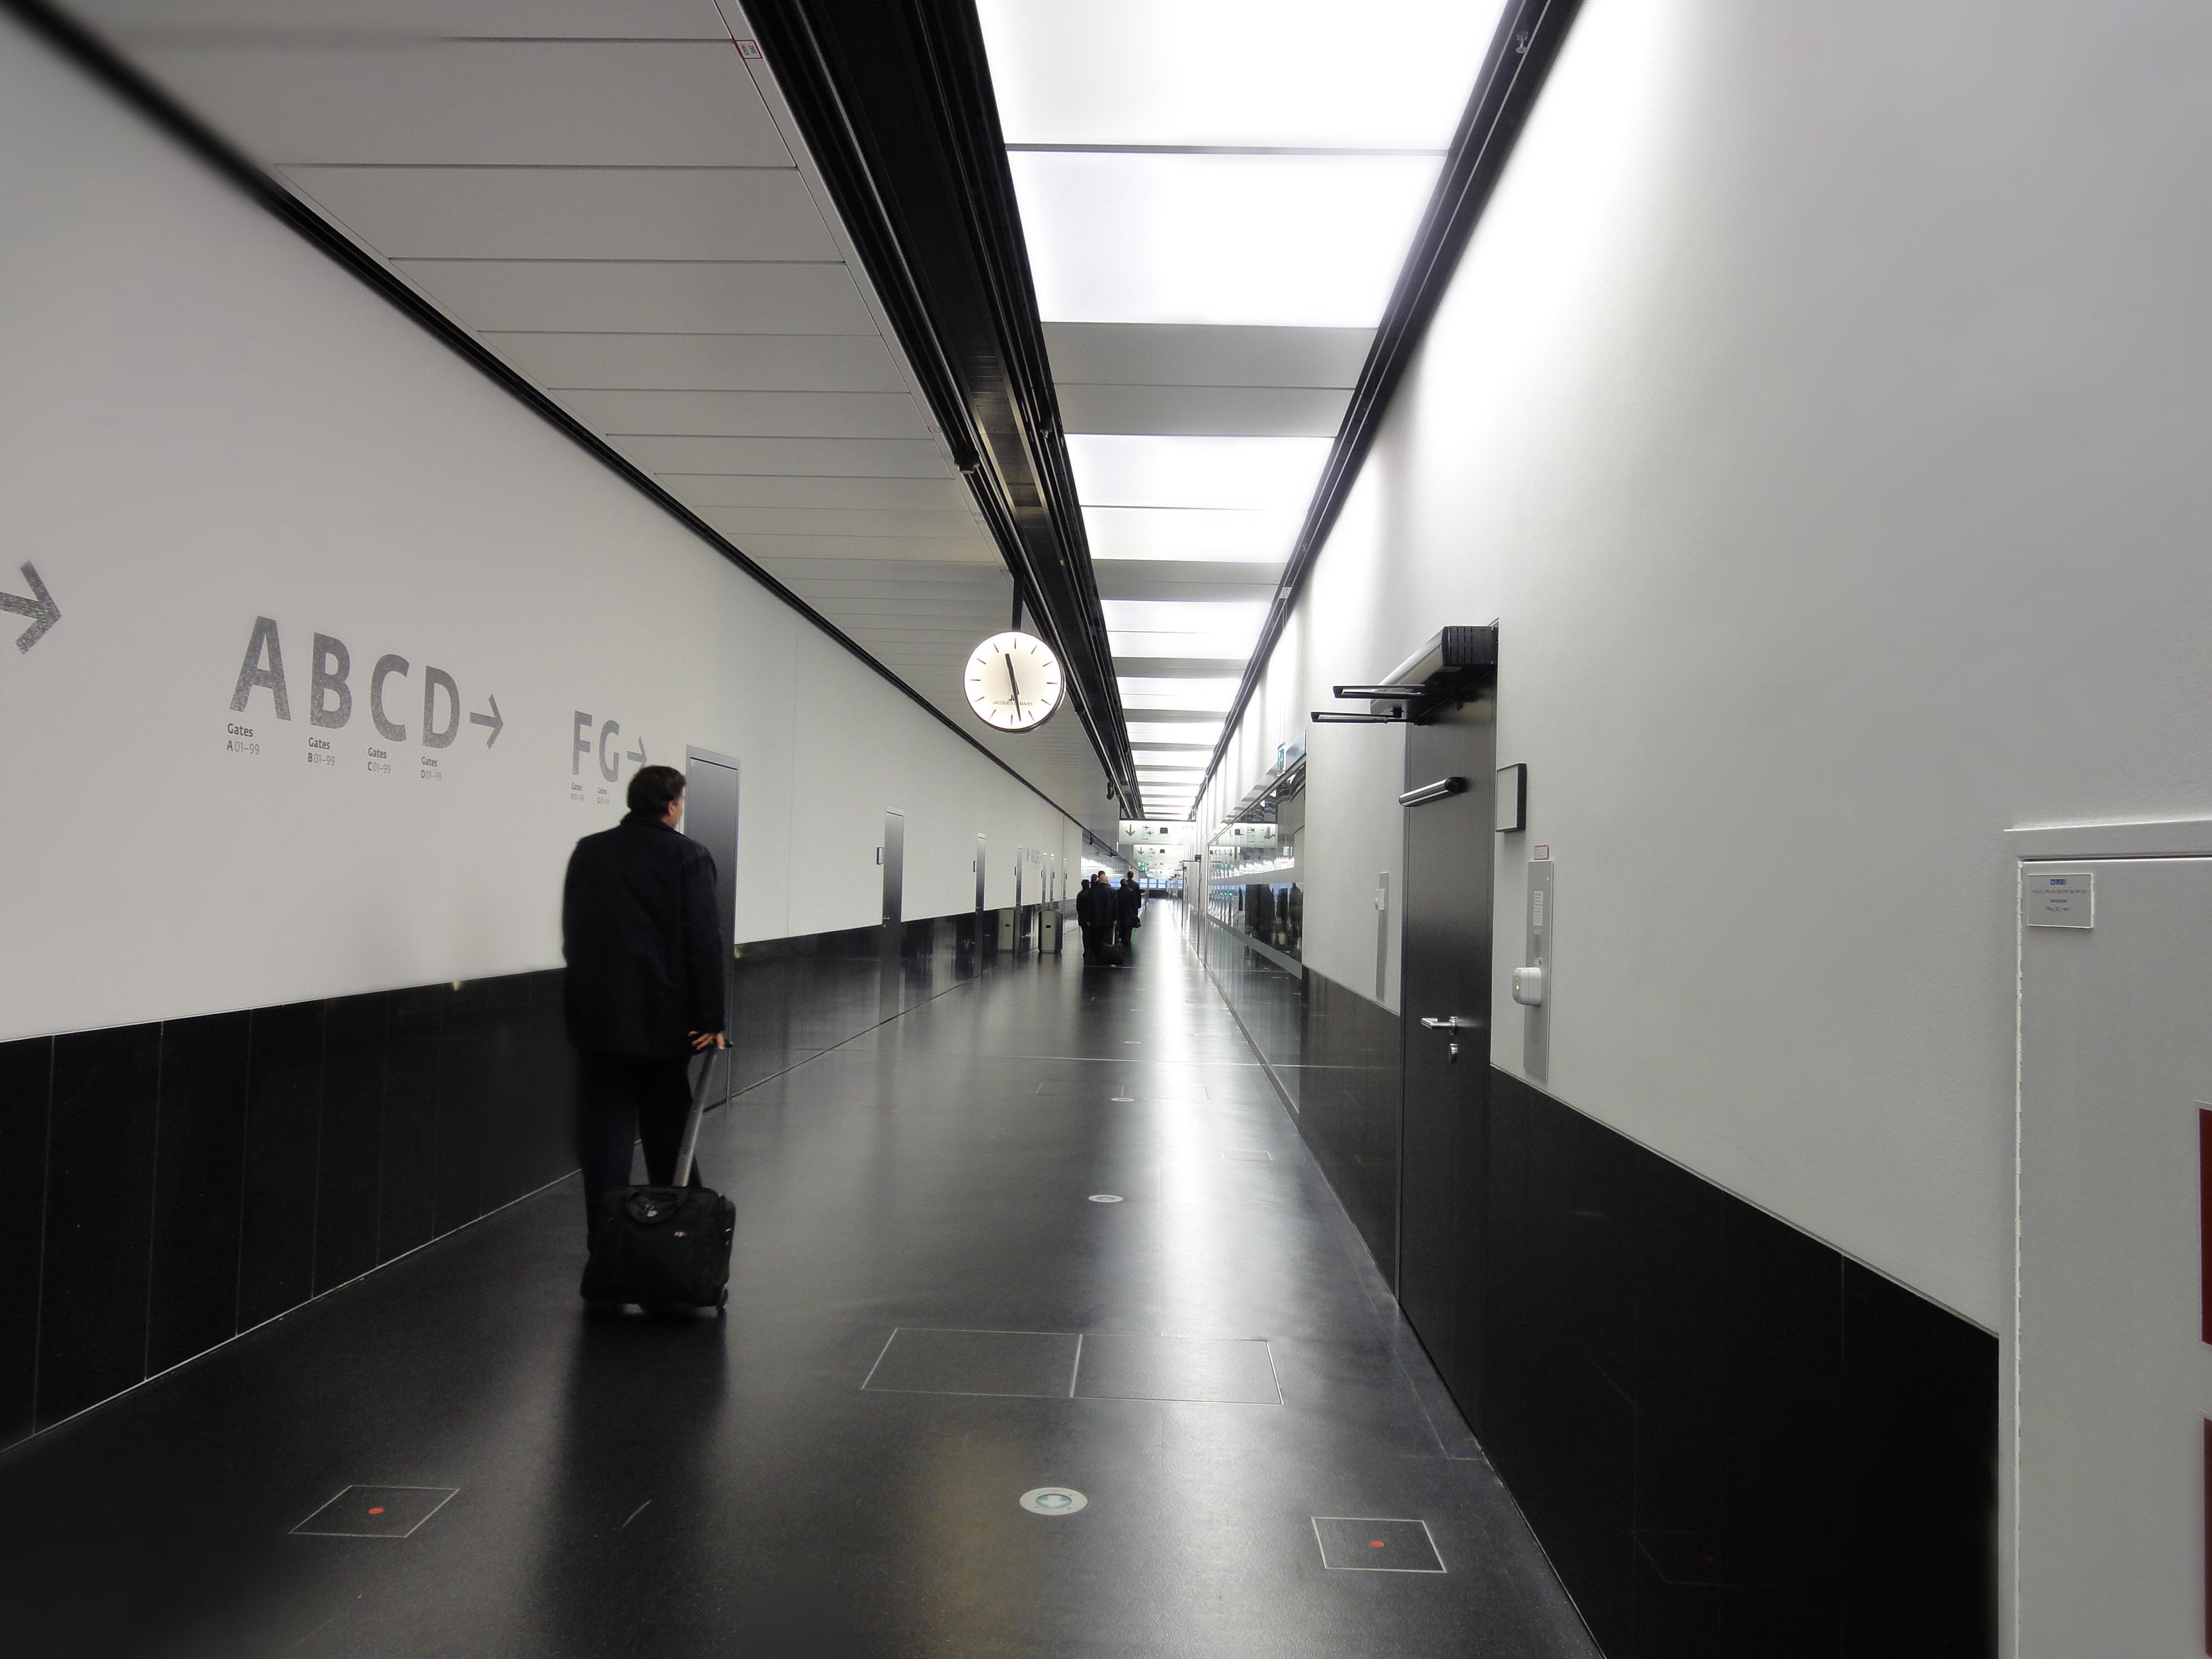 Nur mehr die Crew sucht sich ihren einsamen nächtlichen Weg in den leeren Gängen des Terminals. Nach 12 1/2 Stunden Flugeinsatz.